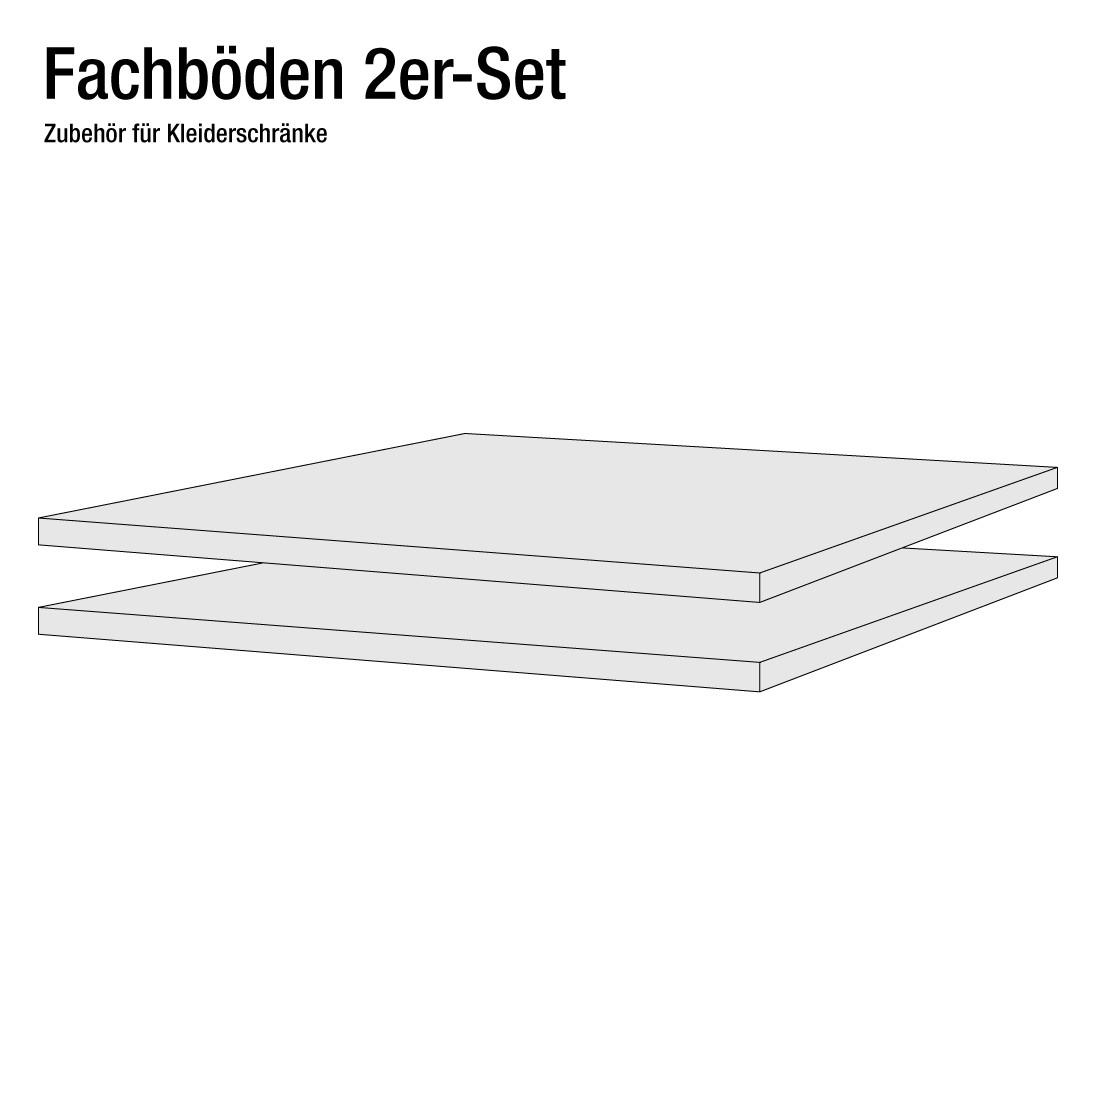 45er Fachboden (2er-Set), Wimex günstig kaufen